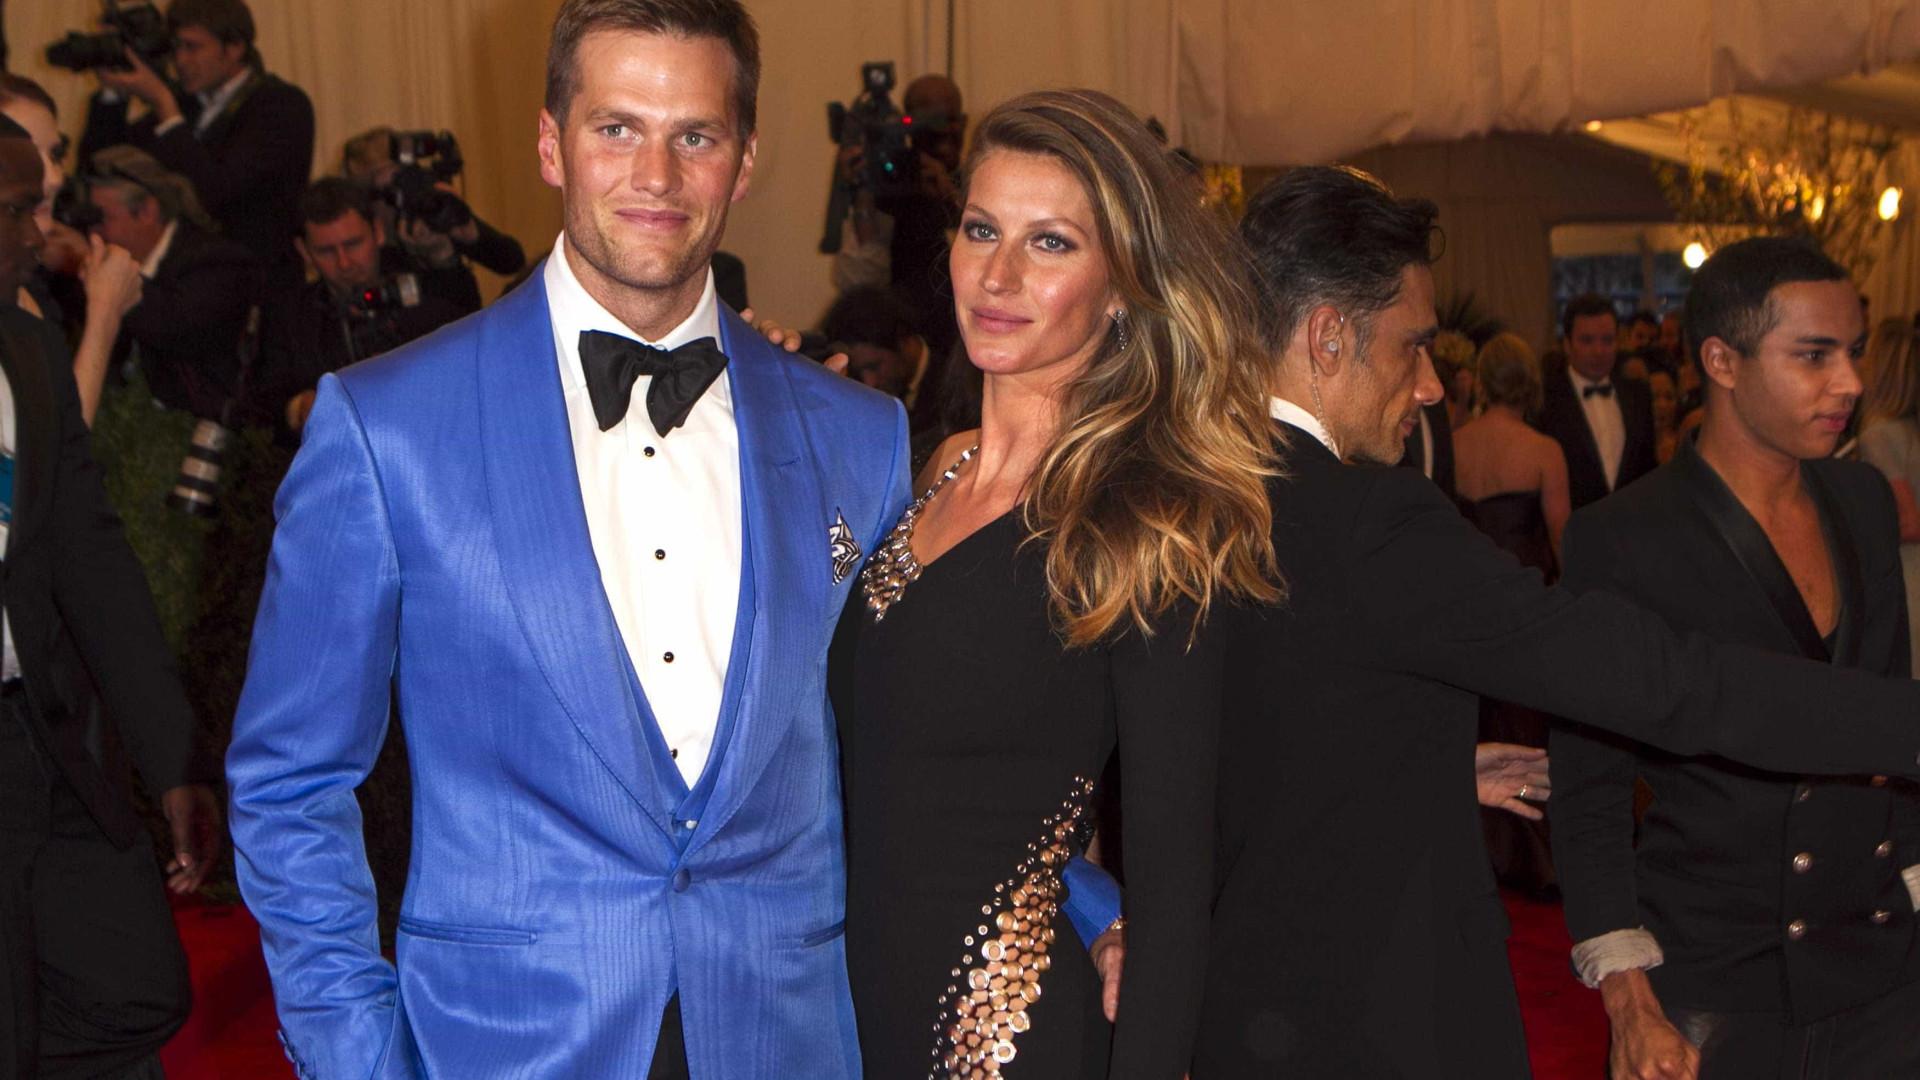 Gisele Bündchen e Tom Brady: juntos no amor, mas não na política